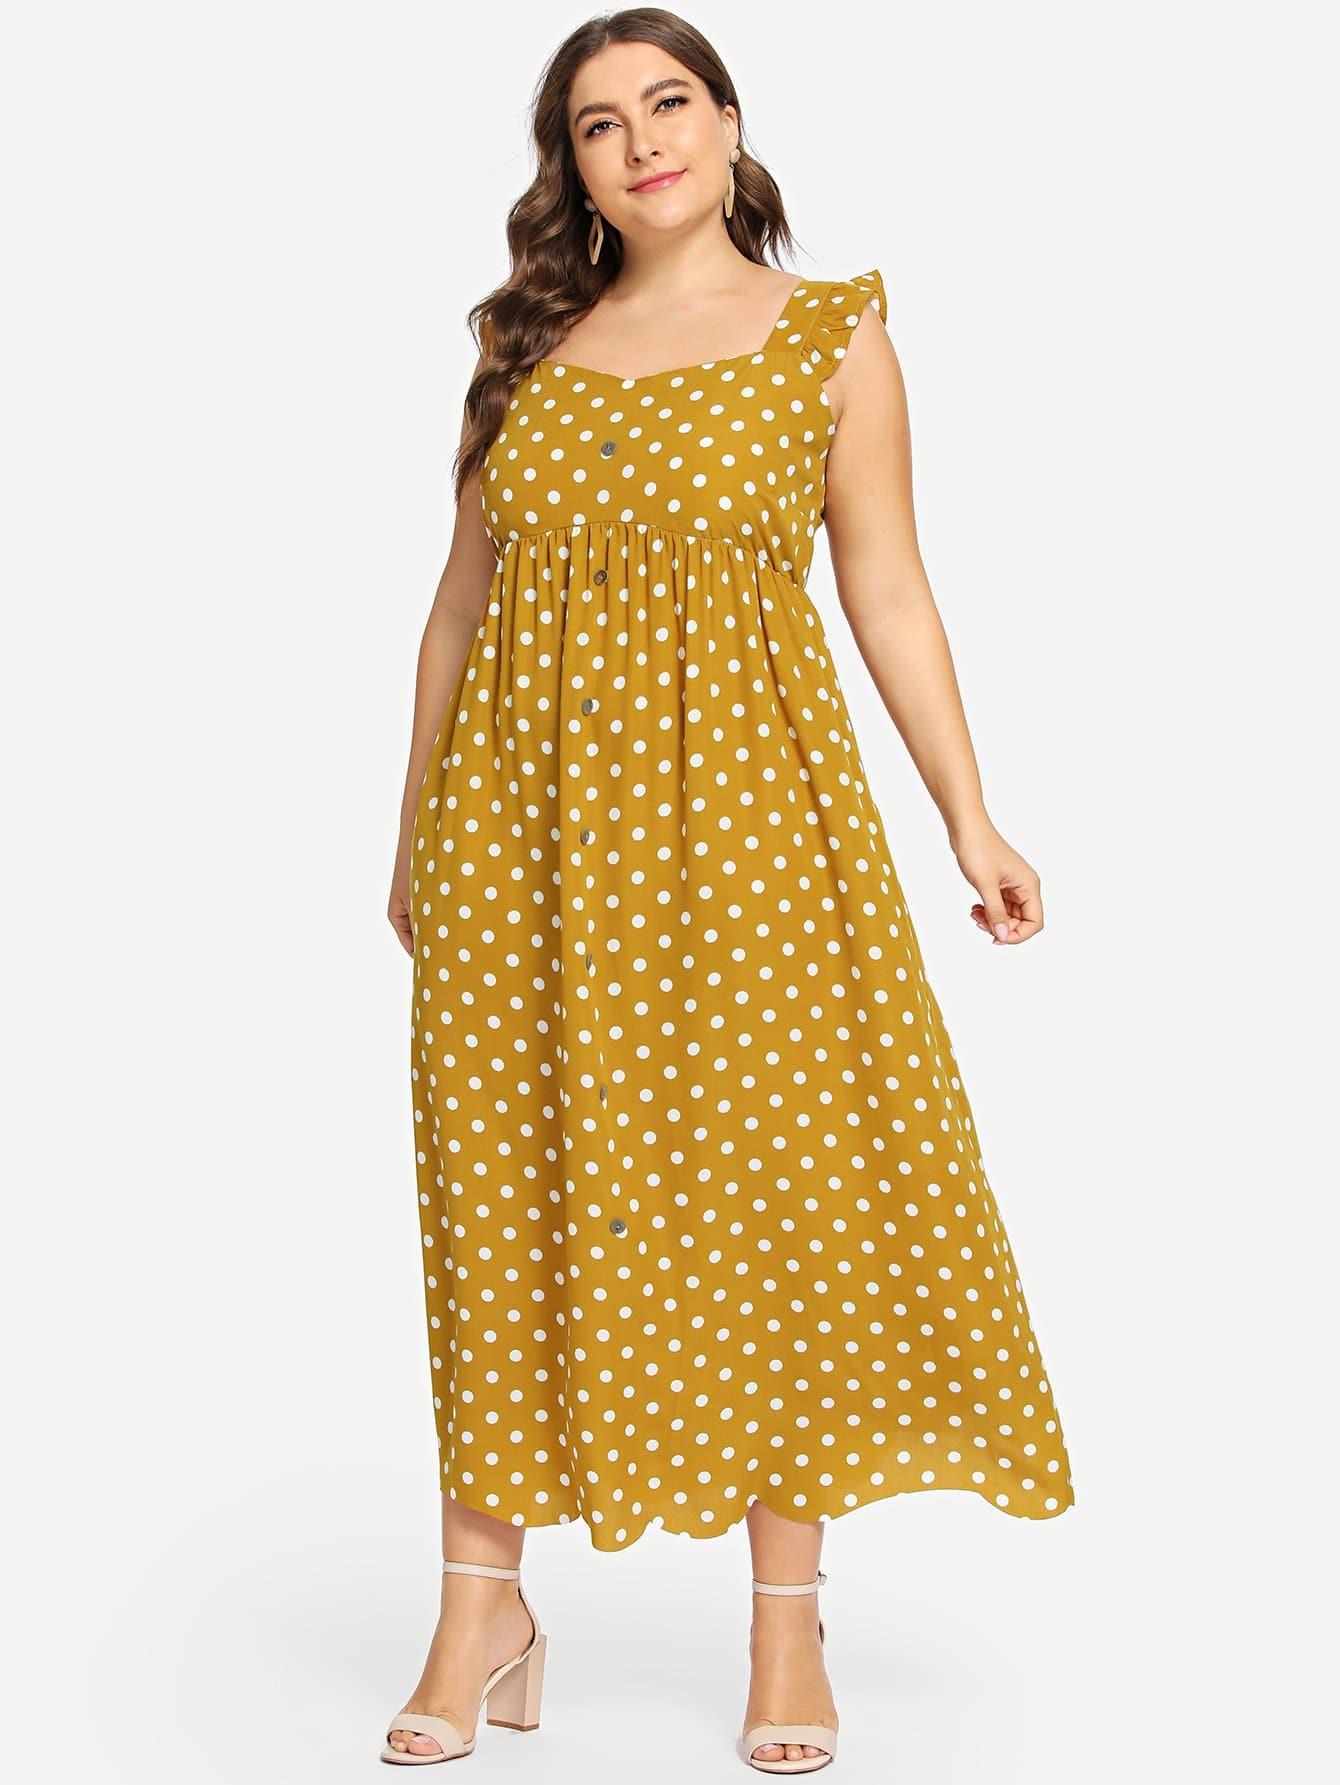 Plus Polka Dot Print Dress